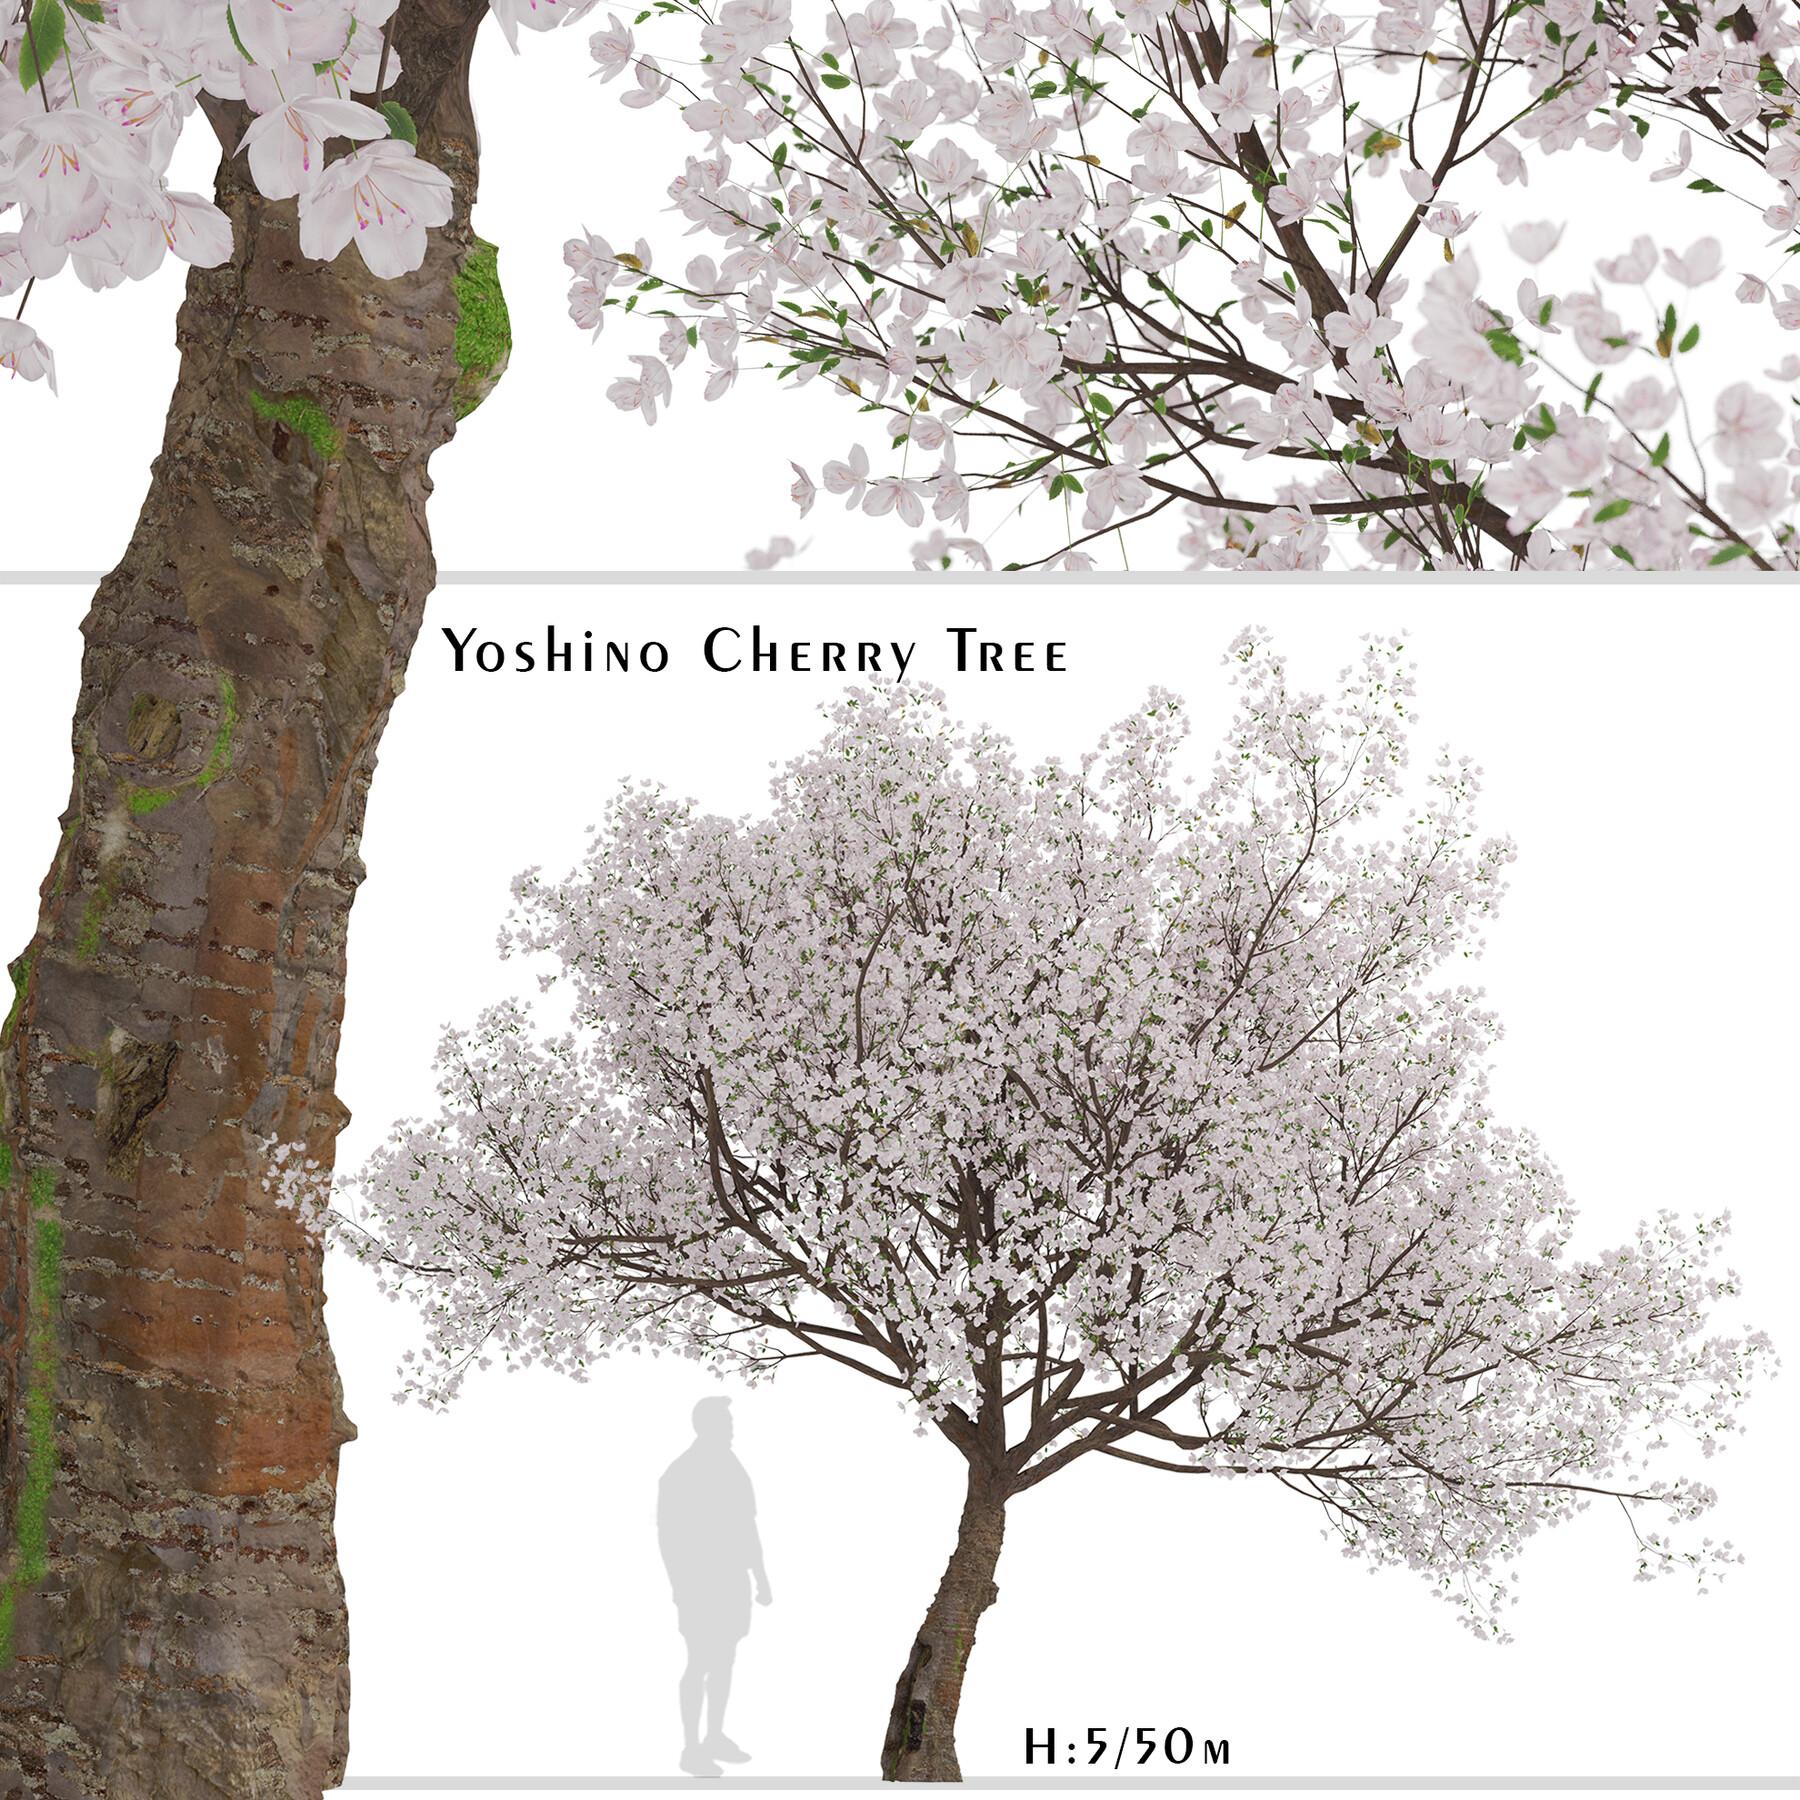 Artstation Yoshino Cherry Tree Prunus Yedoensis 1 Tree Resources